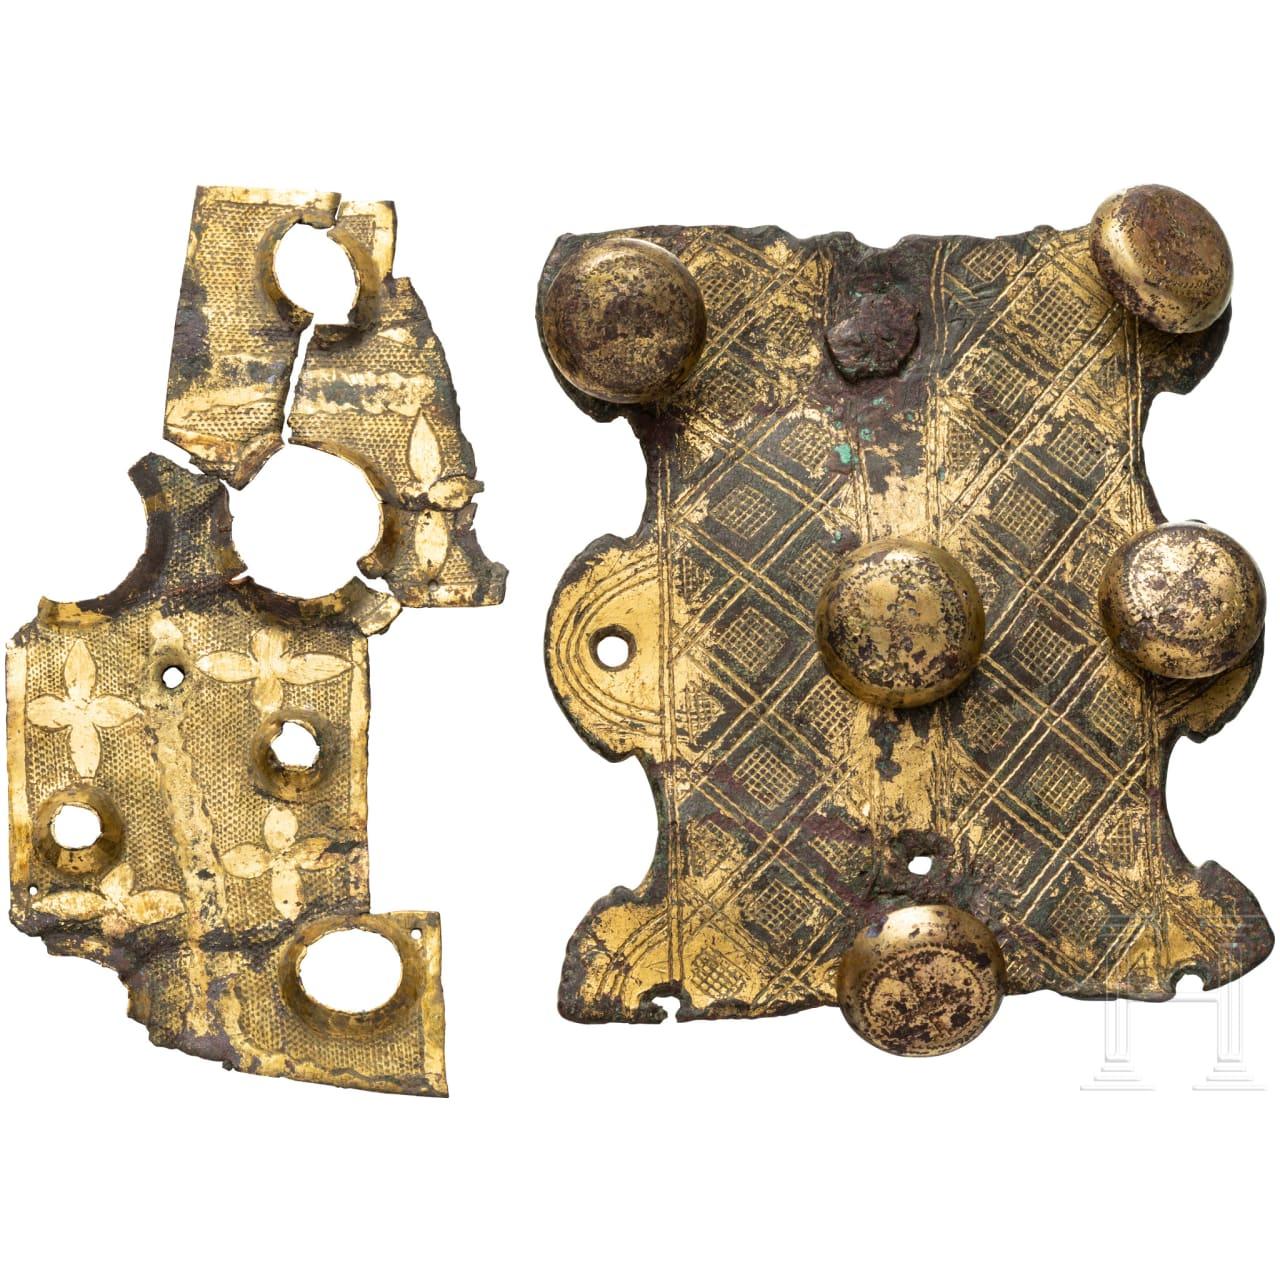 Zwei vergoldete Beschläge, romanisch, 12. Jhdt.